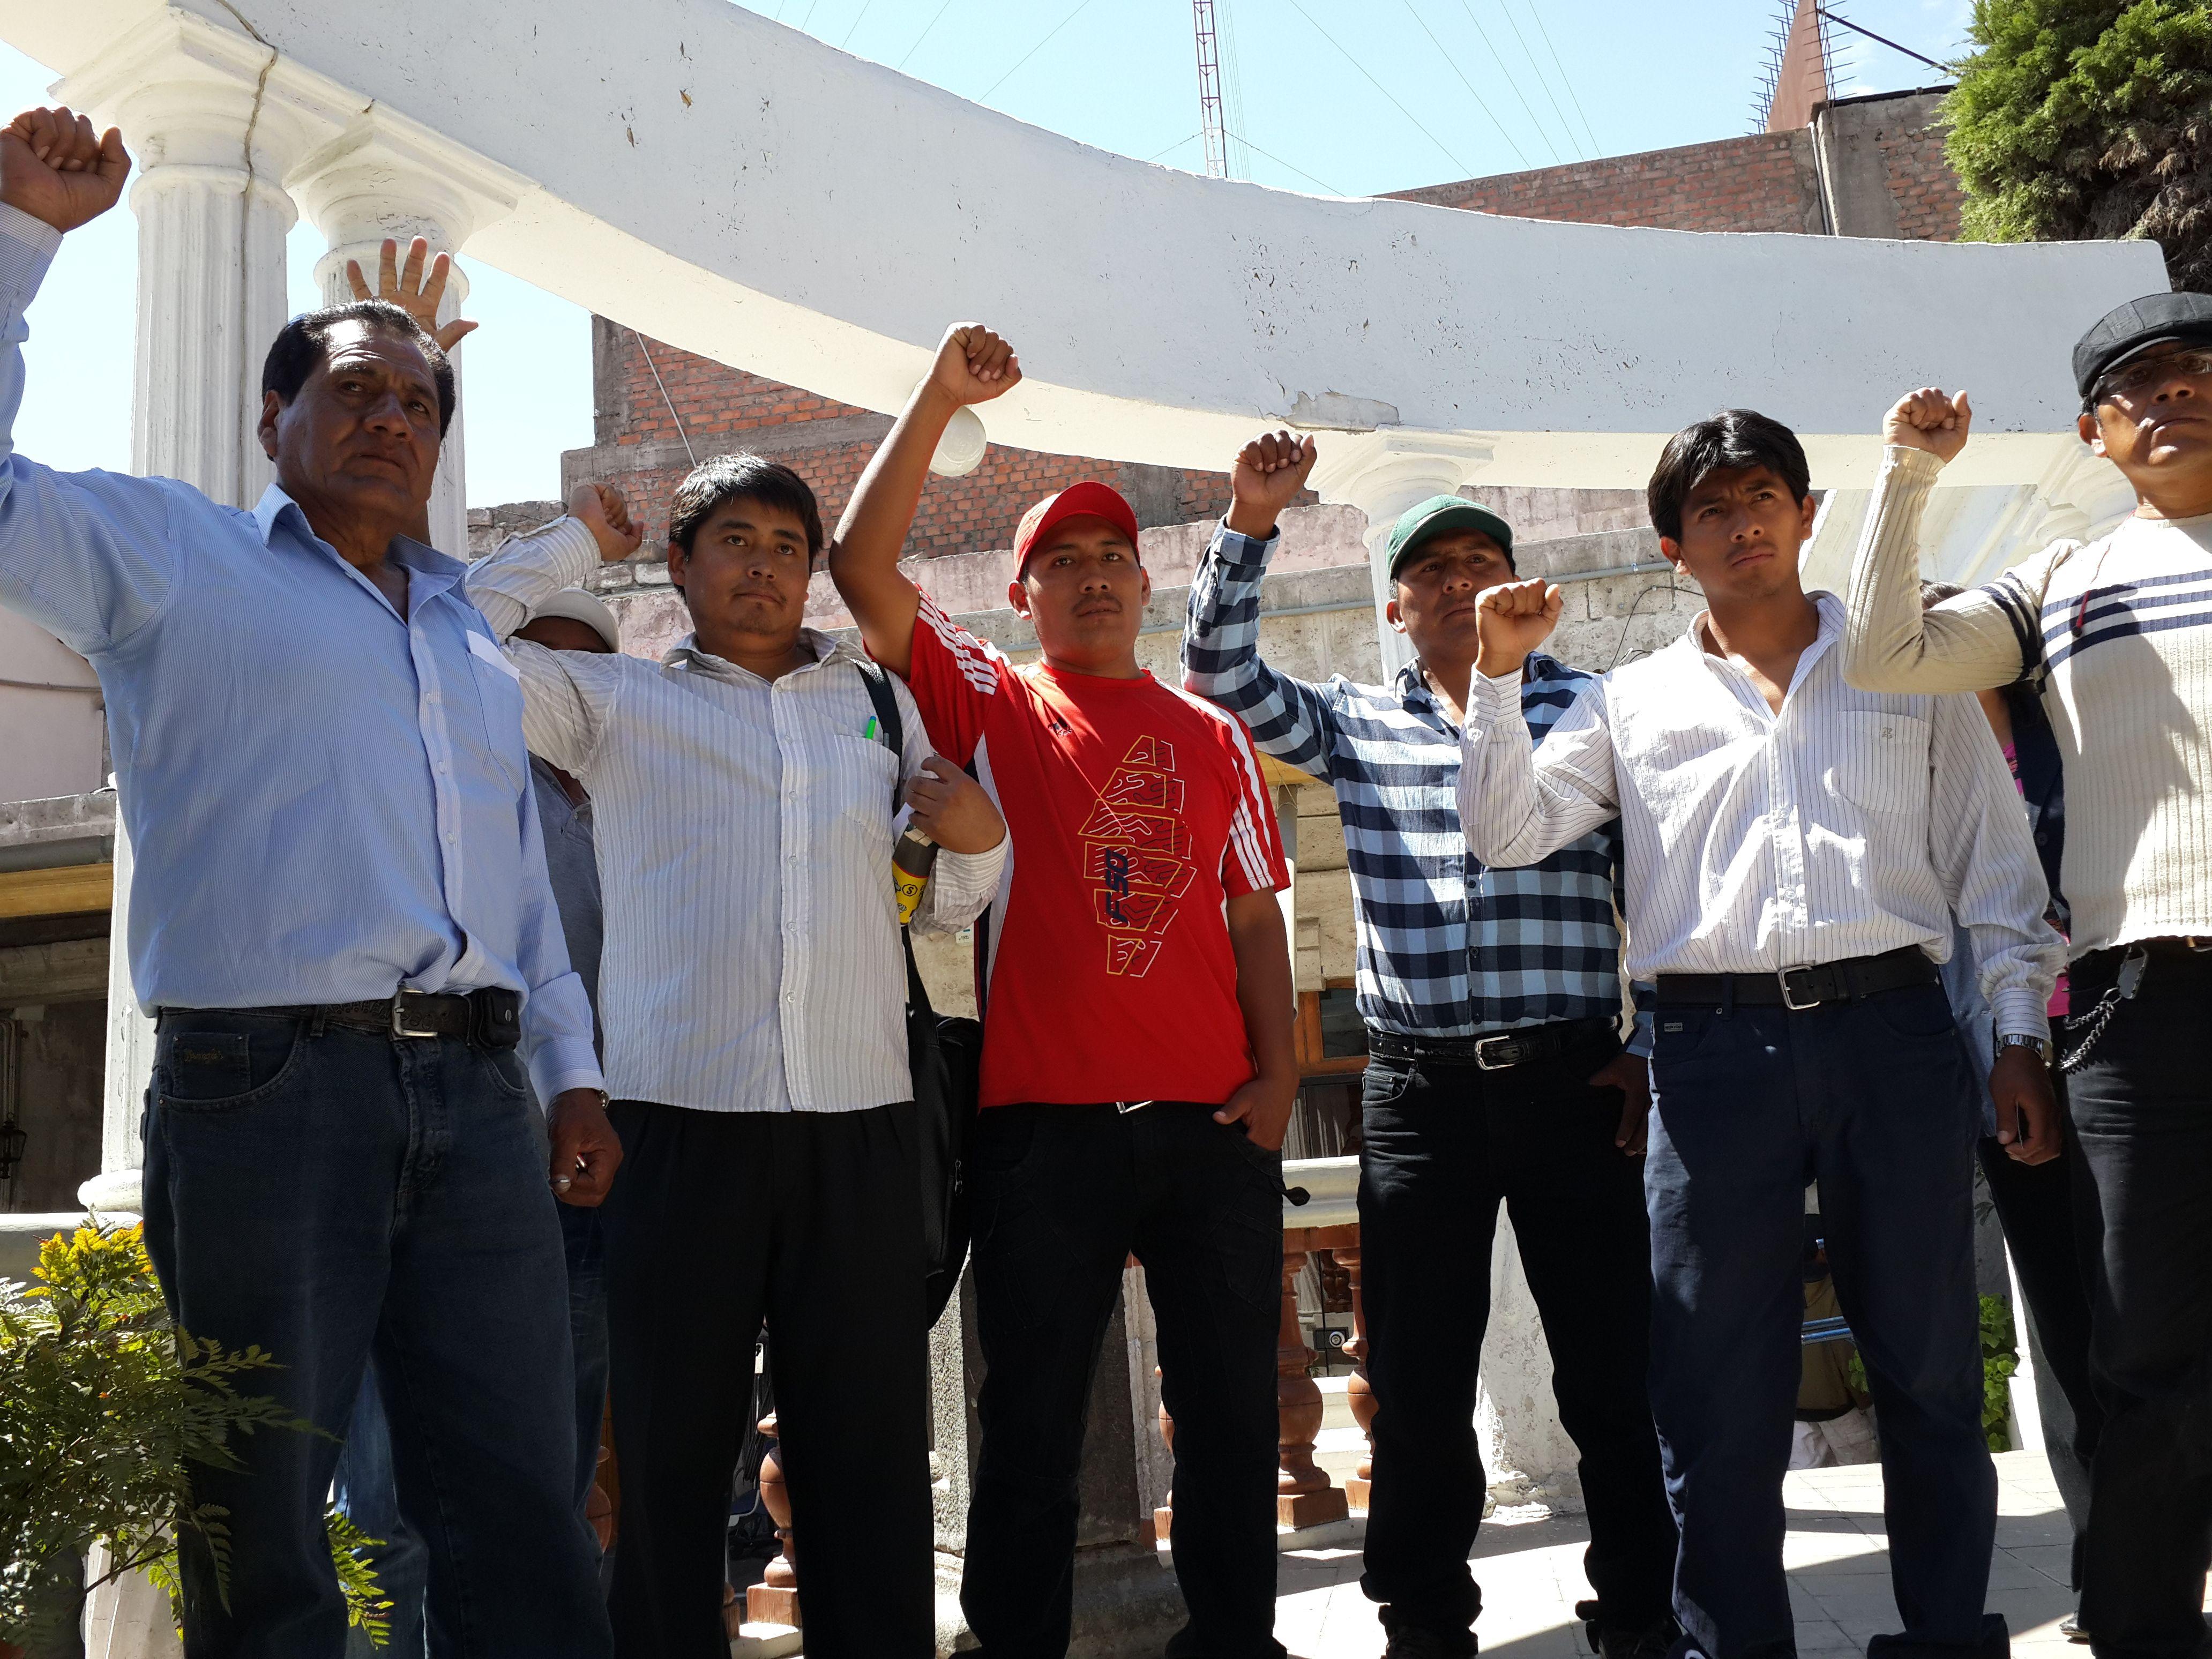 AREQUIPA. Confrontación entre candidatos deja divido gremio de Construcción Civil http://hbanoticias.com/5978